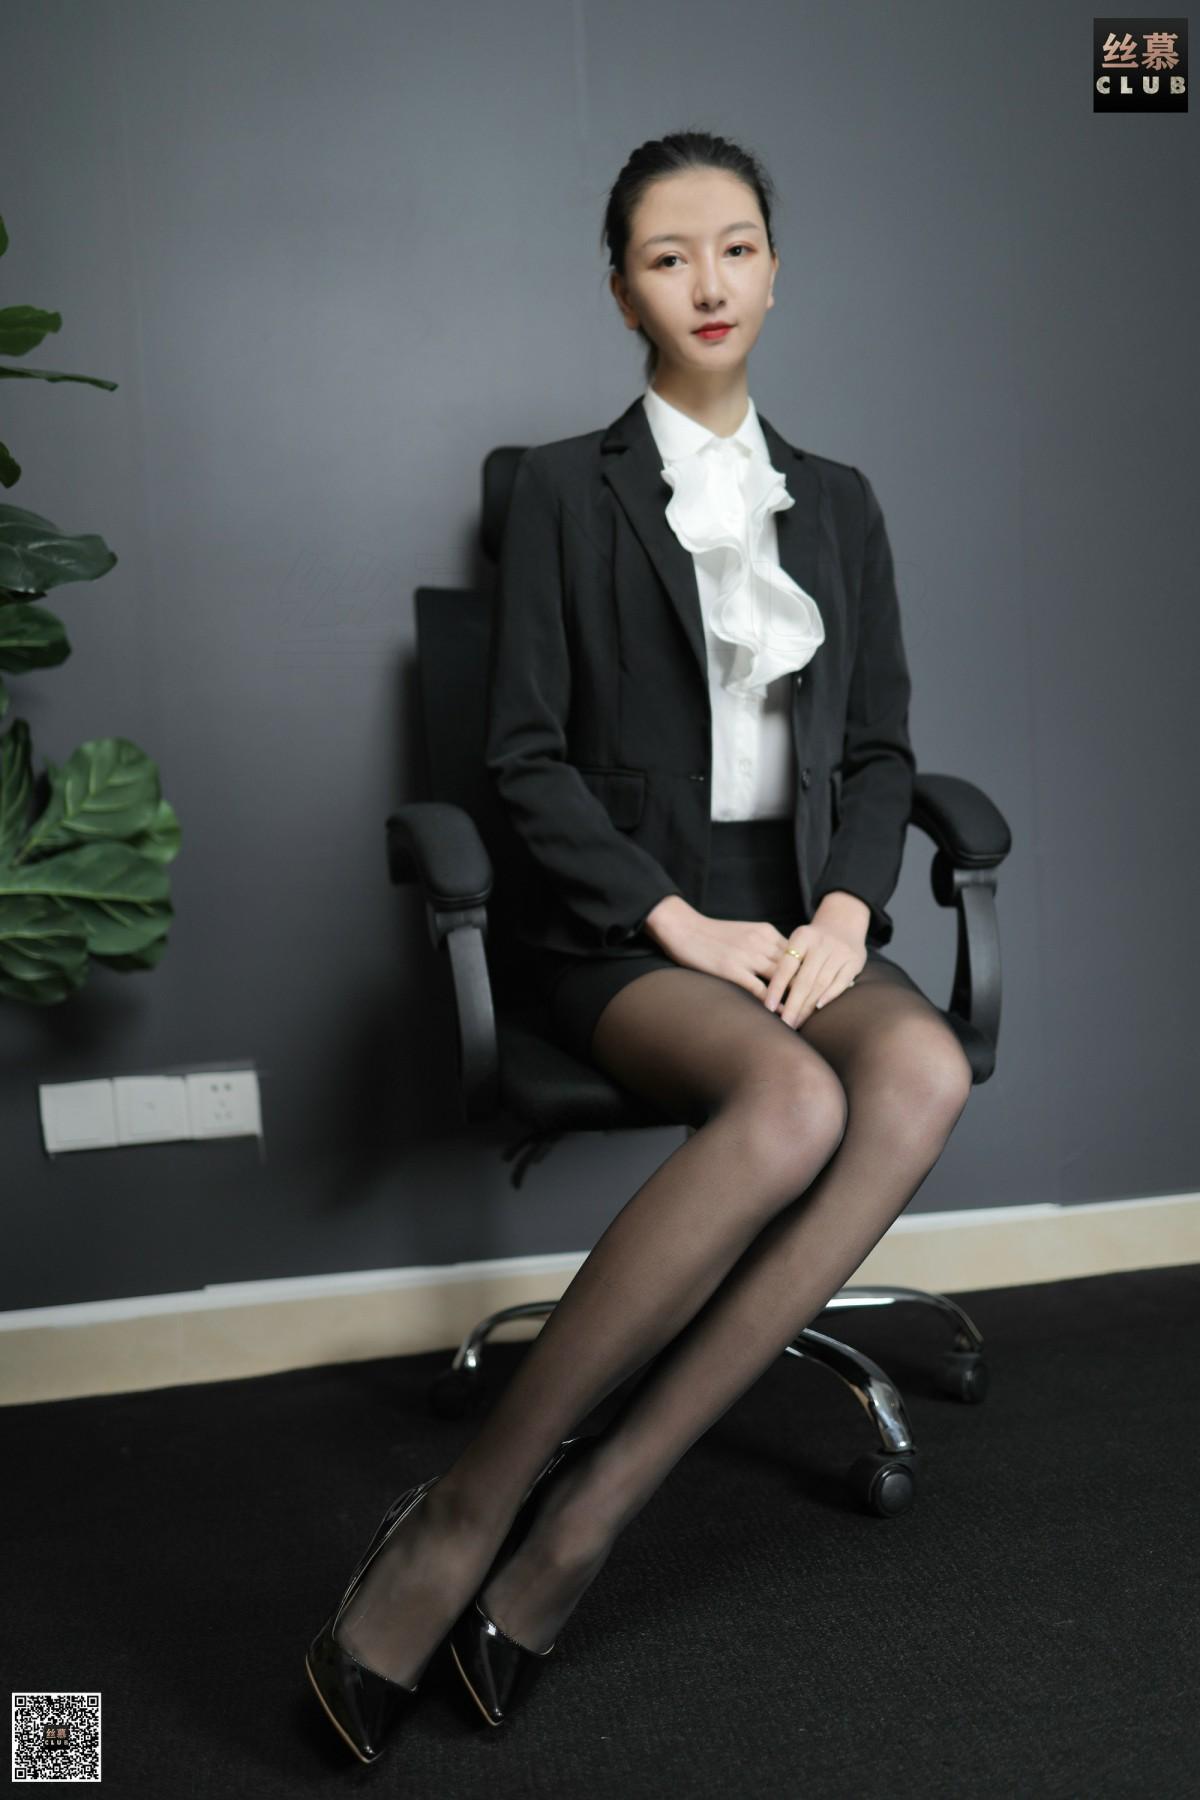 丝慕写真 SM171 茗茗 - 请别在办公室爱上我 第1张